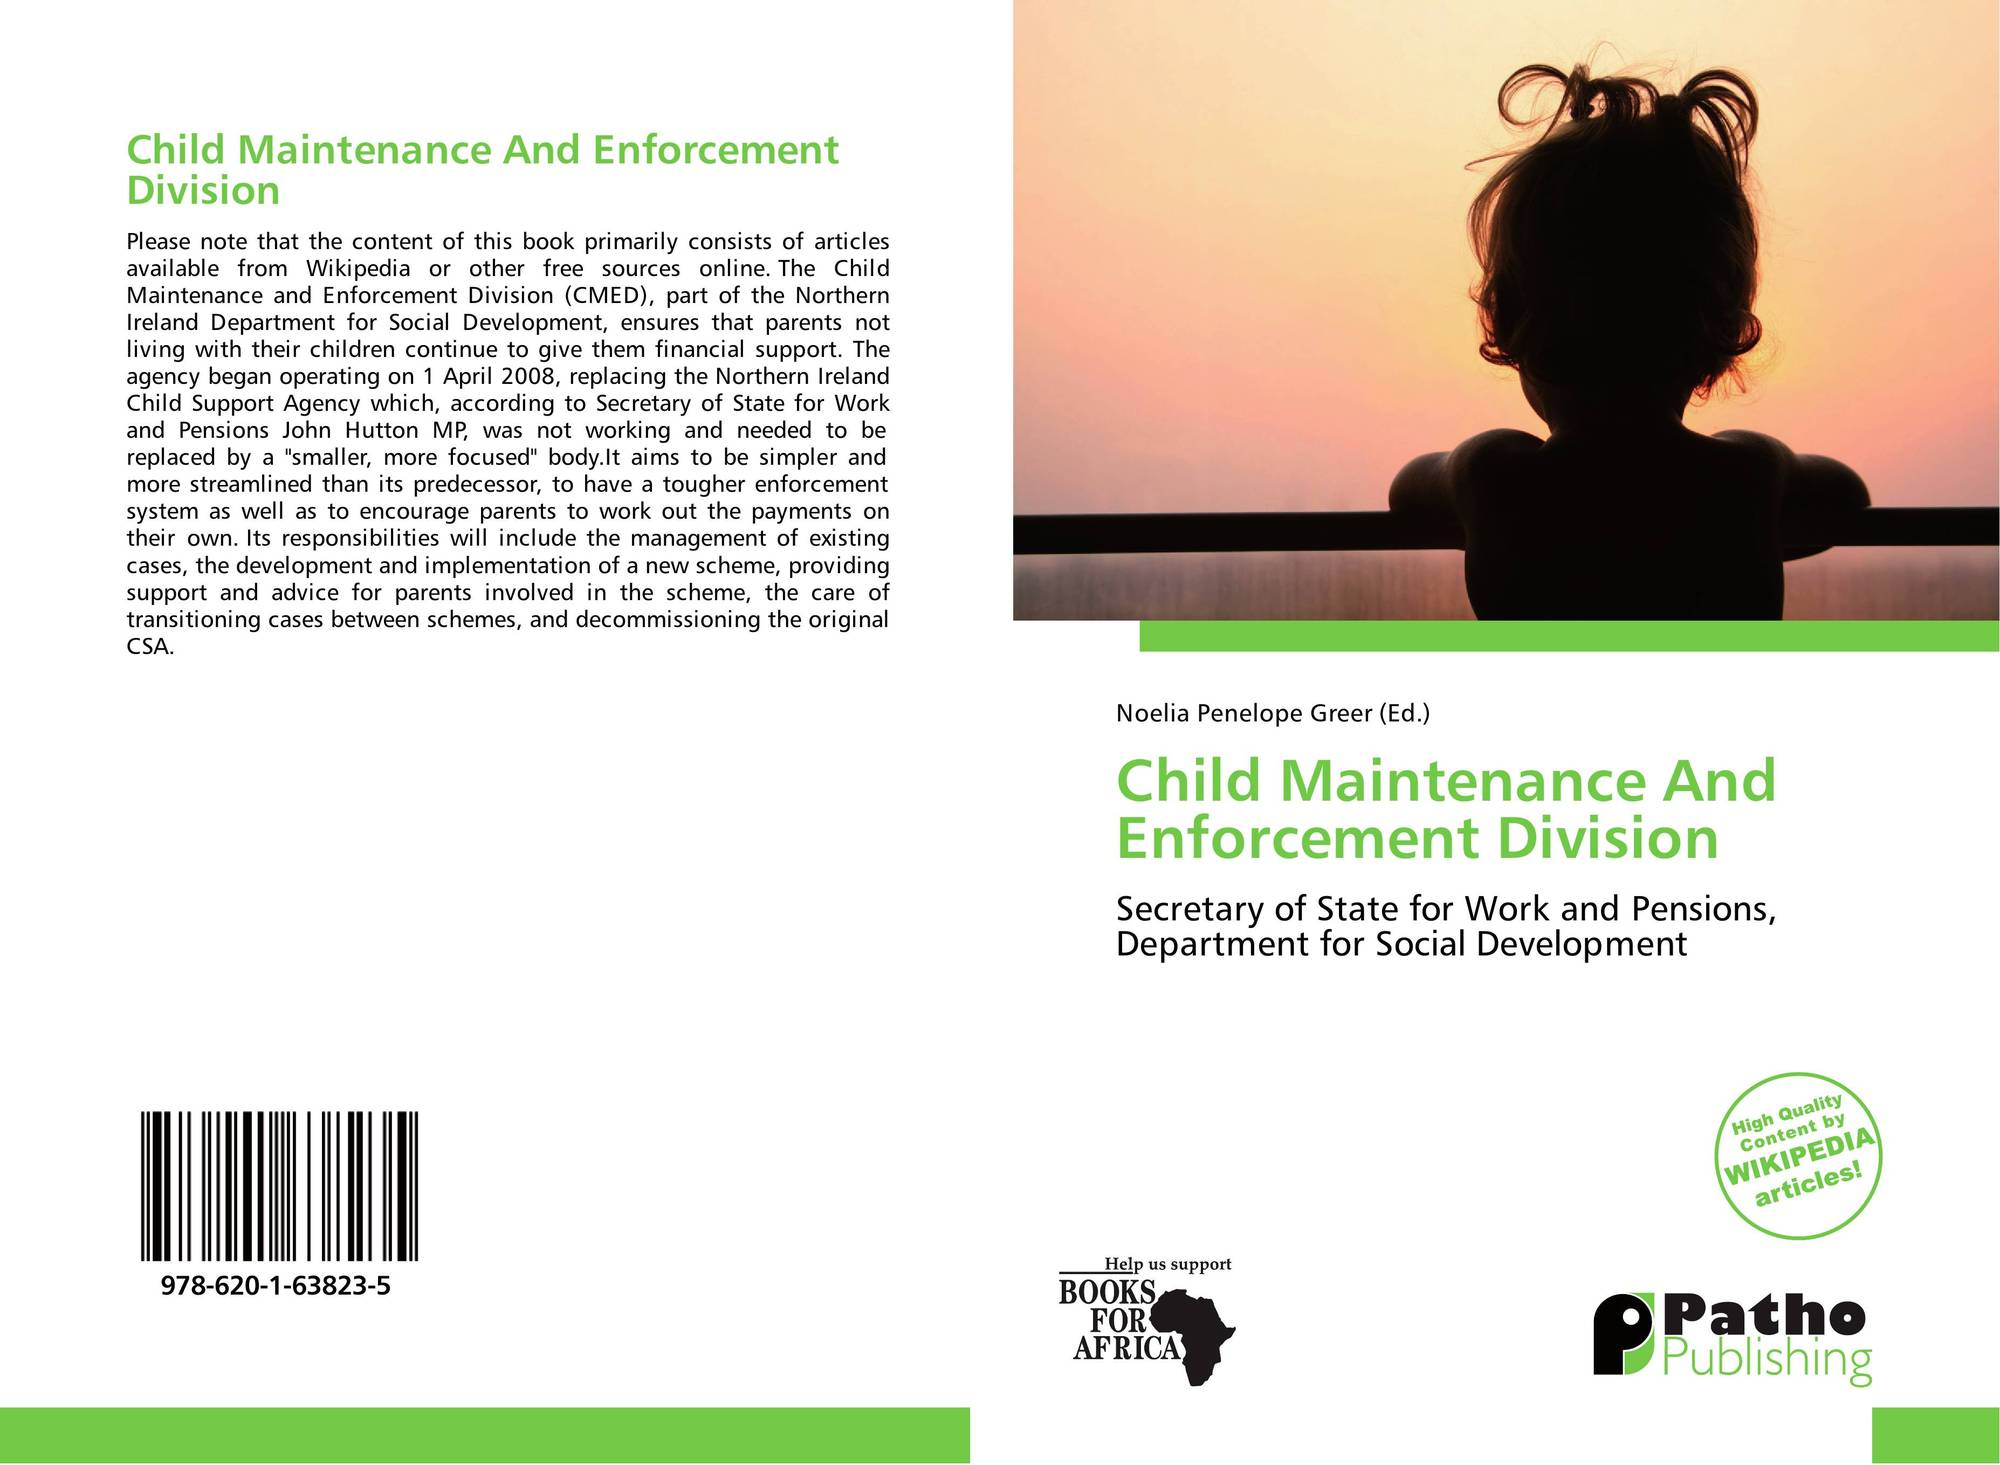 Child Maintenance And Enforcement Division, 978-620-1-63823